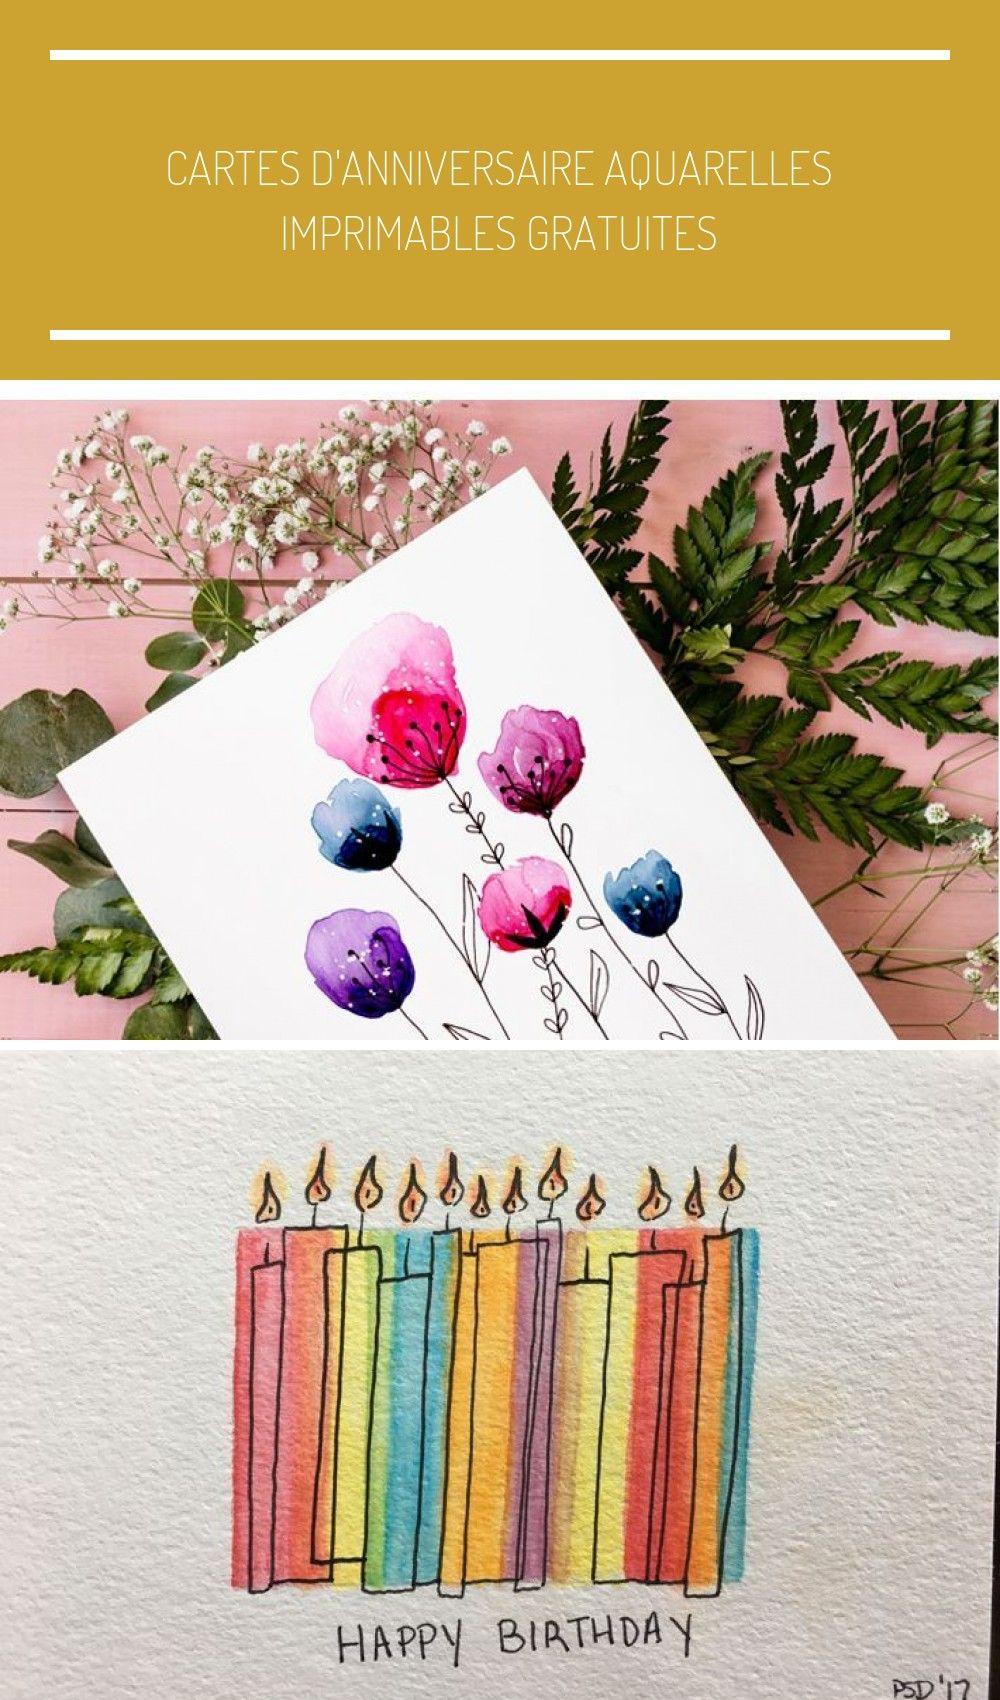 Cartes D Anniversaire Aquarelles Imprimables Gratuites Birthday